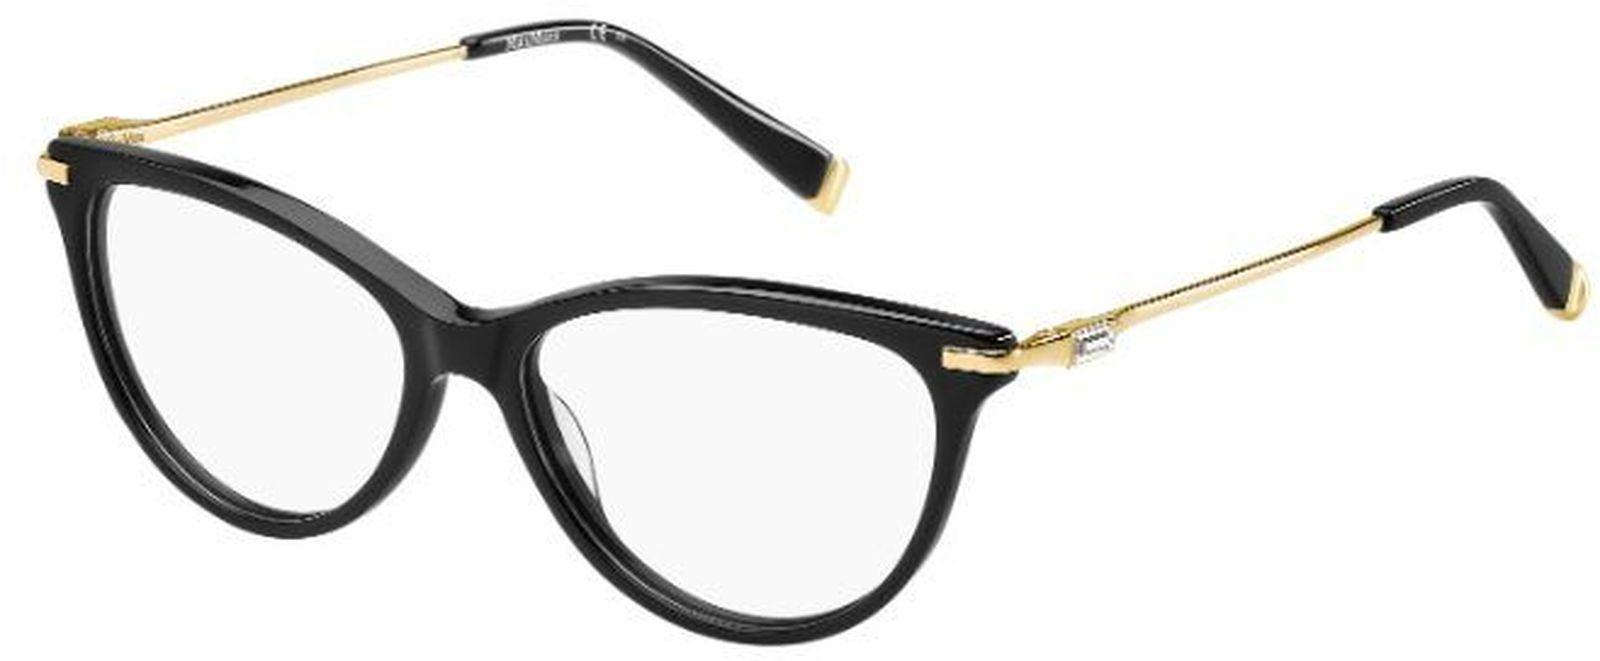 Оправа для очков женская Maxmara 1250, MAX-147501QFE5315, черный оправа max